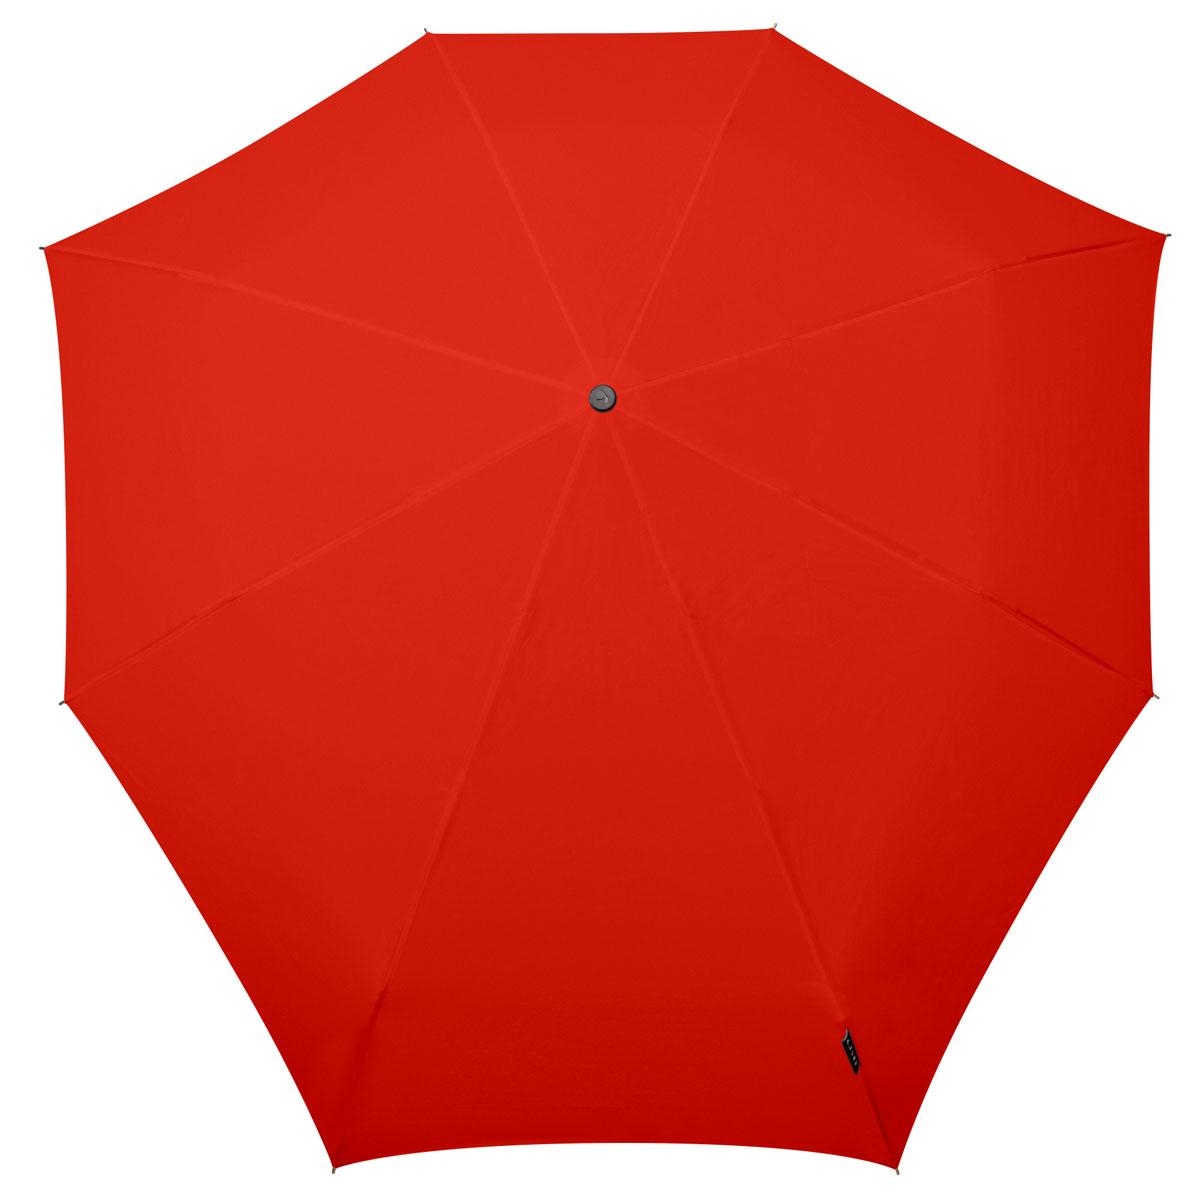 Зонт Senz, цвет: красный. 111101945100095/32793/3500NВместо покупки нескольких дешевых зонтиков, которые легко ломаются, лучше приобрести надежный и качественный зонт от Senz.Инновационные противоштормовые зонты выдерживают любую непогоду.Форма купола продумана так, что вы легко найдете самое удобное положение на ветру – без паники и без борьбы со стихией.Закрывает спину от дождя.Благодаря своей усовершенствованной конструкции, зонт не выворачивается наизнанку даже при сильном ветре. Это улучшенная модель компактного противоштормового зонта Smart.Выдерживает порывы ветра до 60 км/ч. Характеристики:- тип — механический- три сложения- выдерживает порывы ветра до 60 км/ч- УФ-защита 50+- удобная ручка с петлей- в комплекте чехол- гарантия 2 годаРазмер купола: 87 х 87 см, длина в сложенном виде - 25,5 см, в раскрытом - 57 см. Весит 290 г.